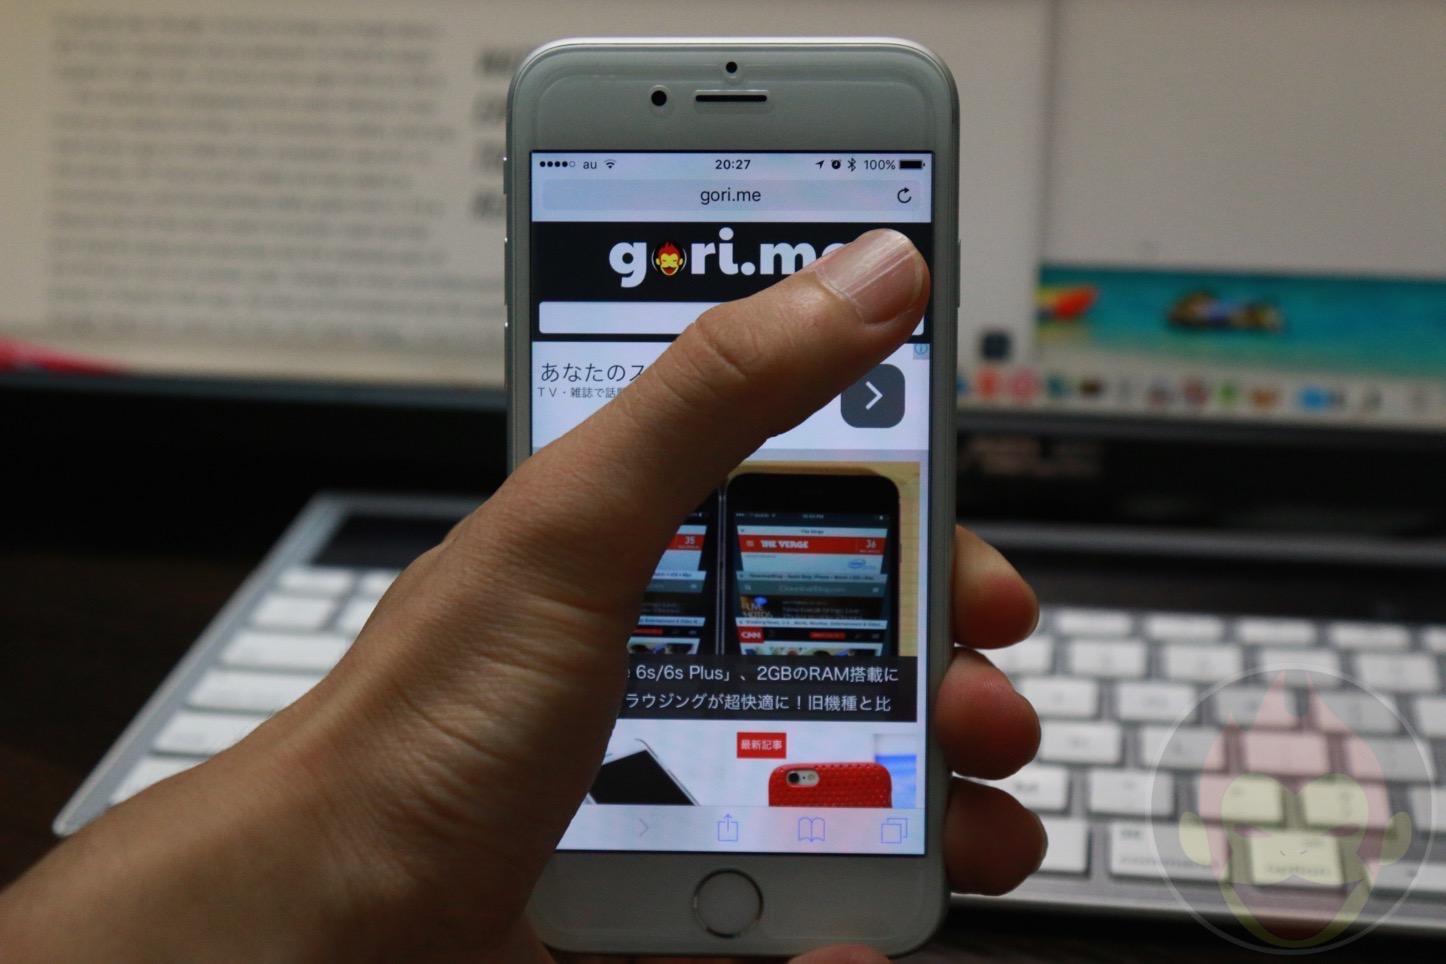 iPhone 6sを使って分かったことまとめ